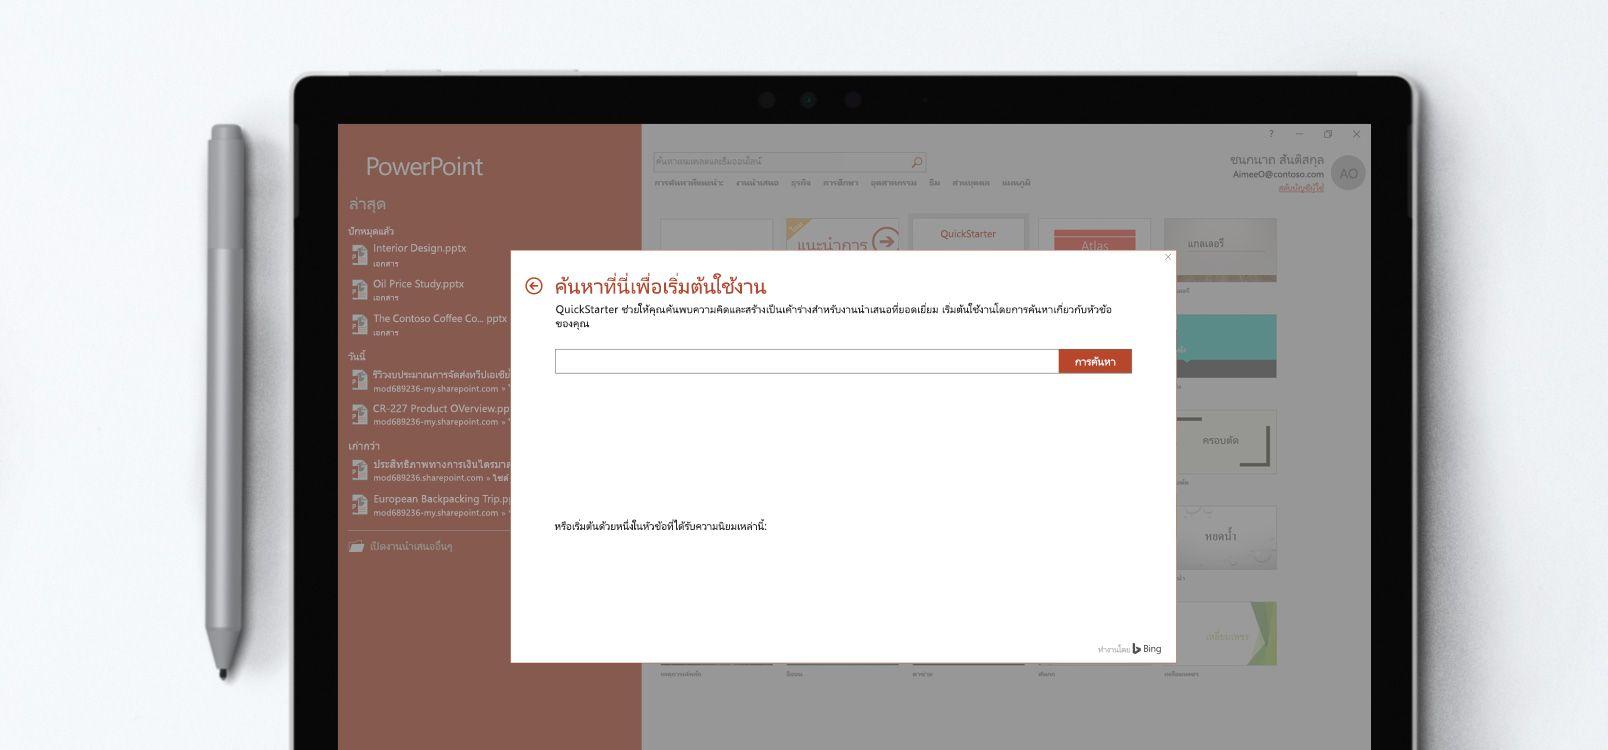 หน้าจอแท็บเล็ตแสดงเอกสาร PowerPoint ที่ใช้ฟีเจอร์เครื่องมือเริ่มต้นด่วน